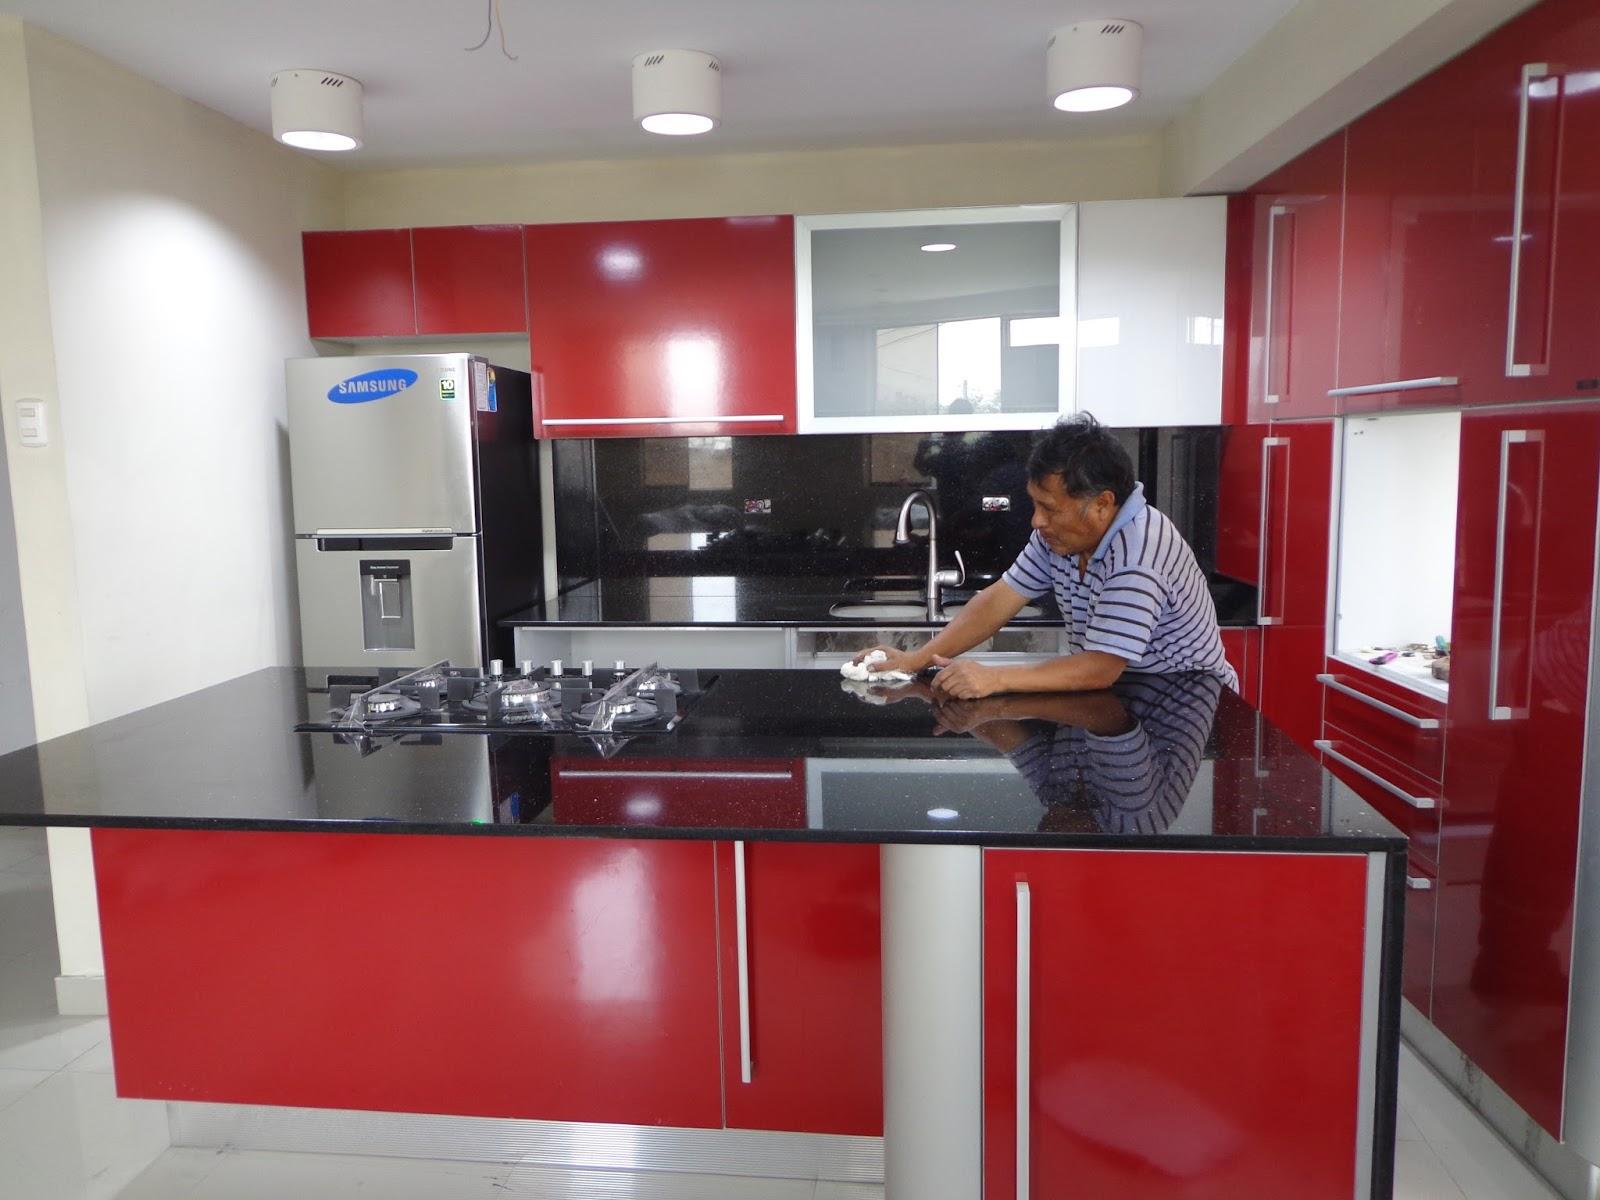 Cocinas vitroceramicas empotradas granito marmol lima cocinas vitroceramicas empotradas granito - Limpiar azulejos cocina para queden brillantes ...